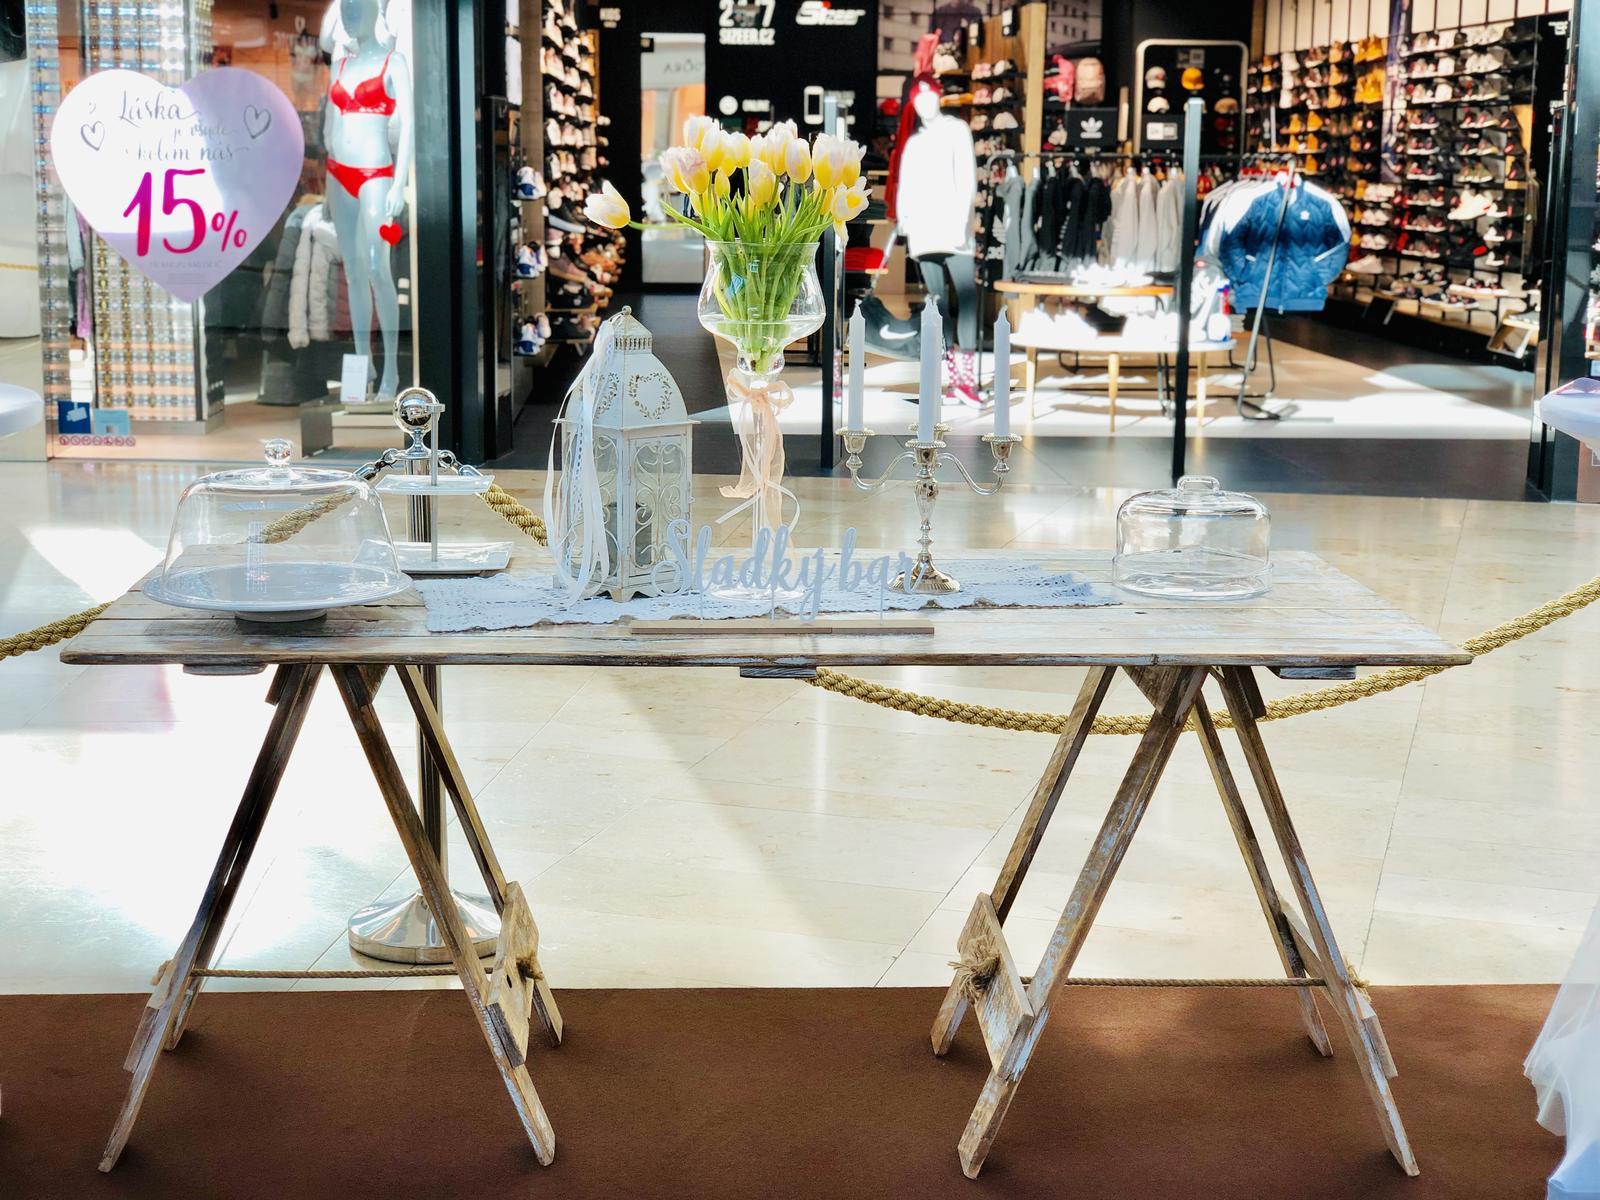 Půjčovna: stolů, lavic, židlí, ubrusů, potahů a dekorací - Obrázek č. 95